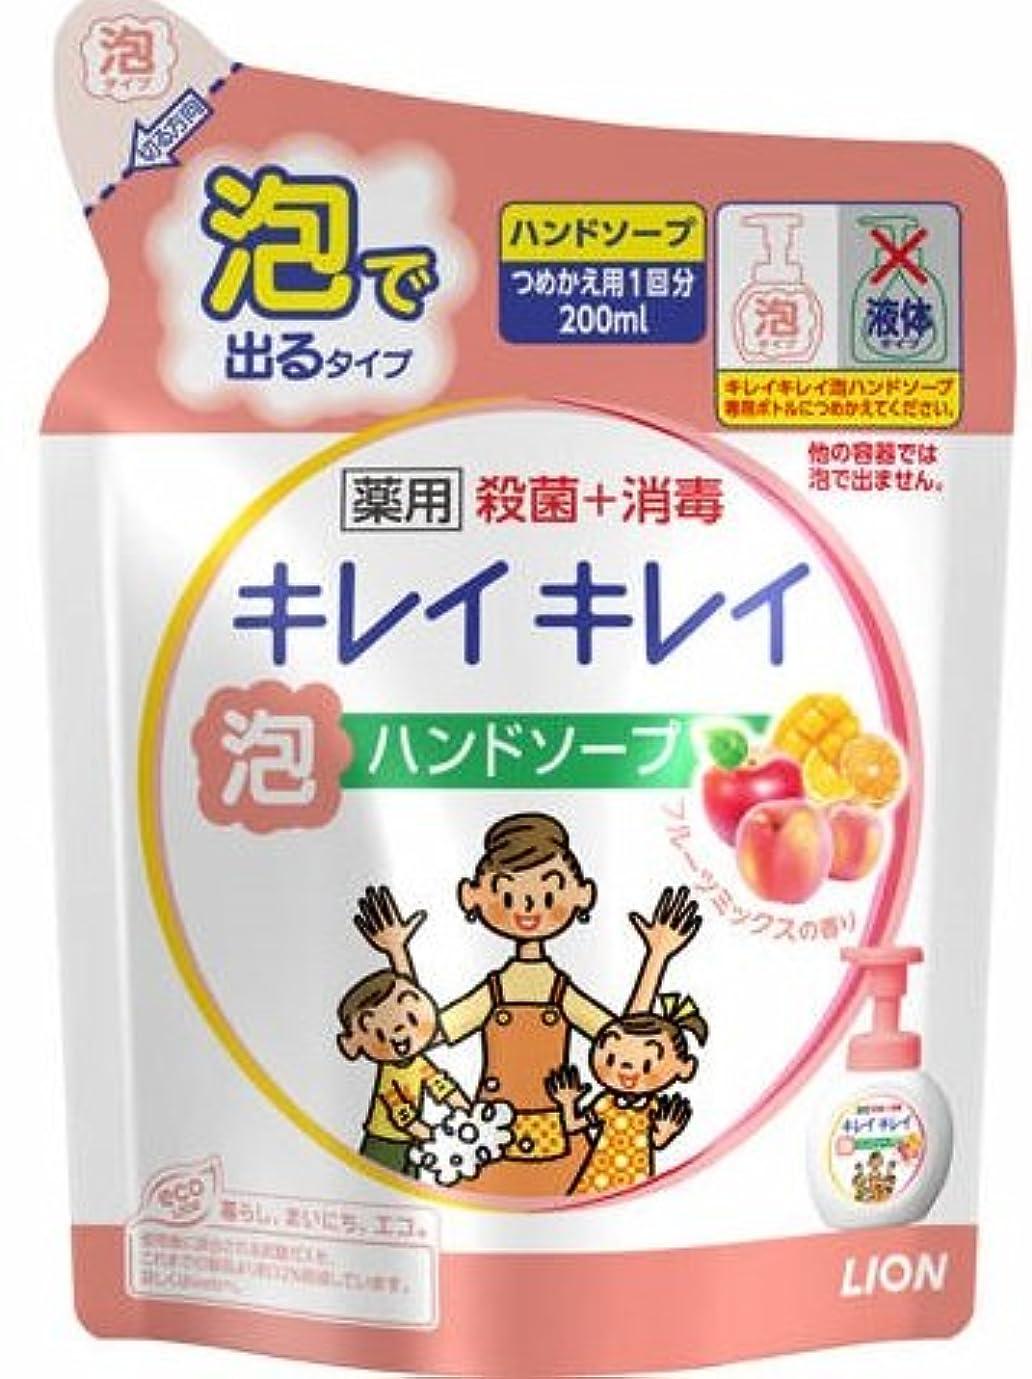 心から刃相対サイズキレイキレイ 薬用泡ハンドソープ フルーツミックスの香り つめかえ用 通常サイズ 200ml ×10個セット